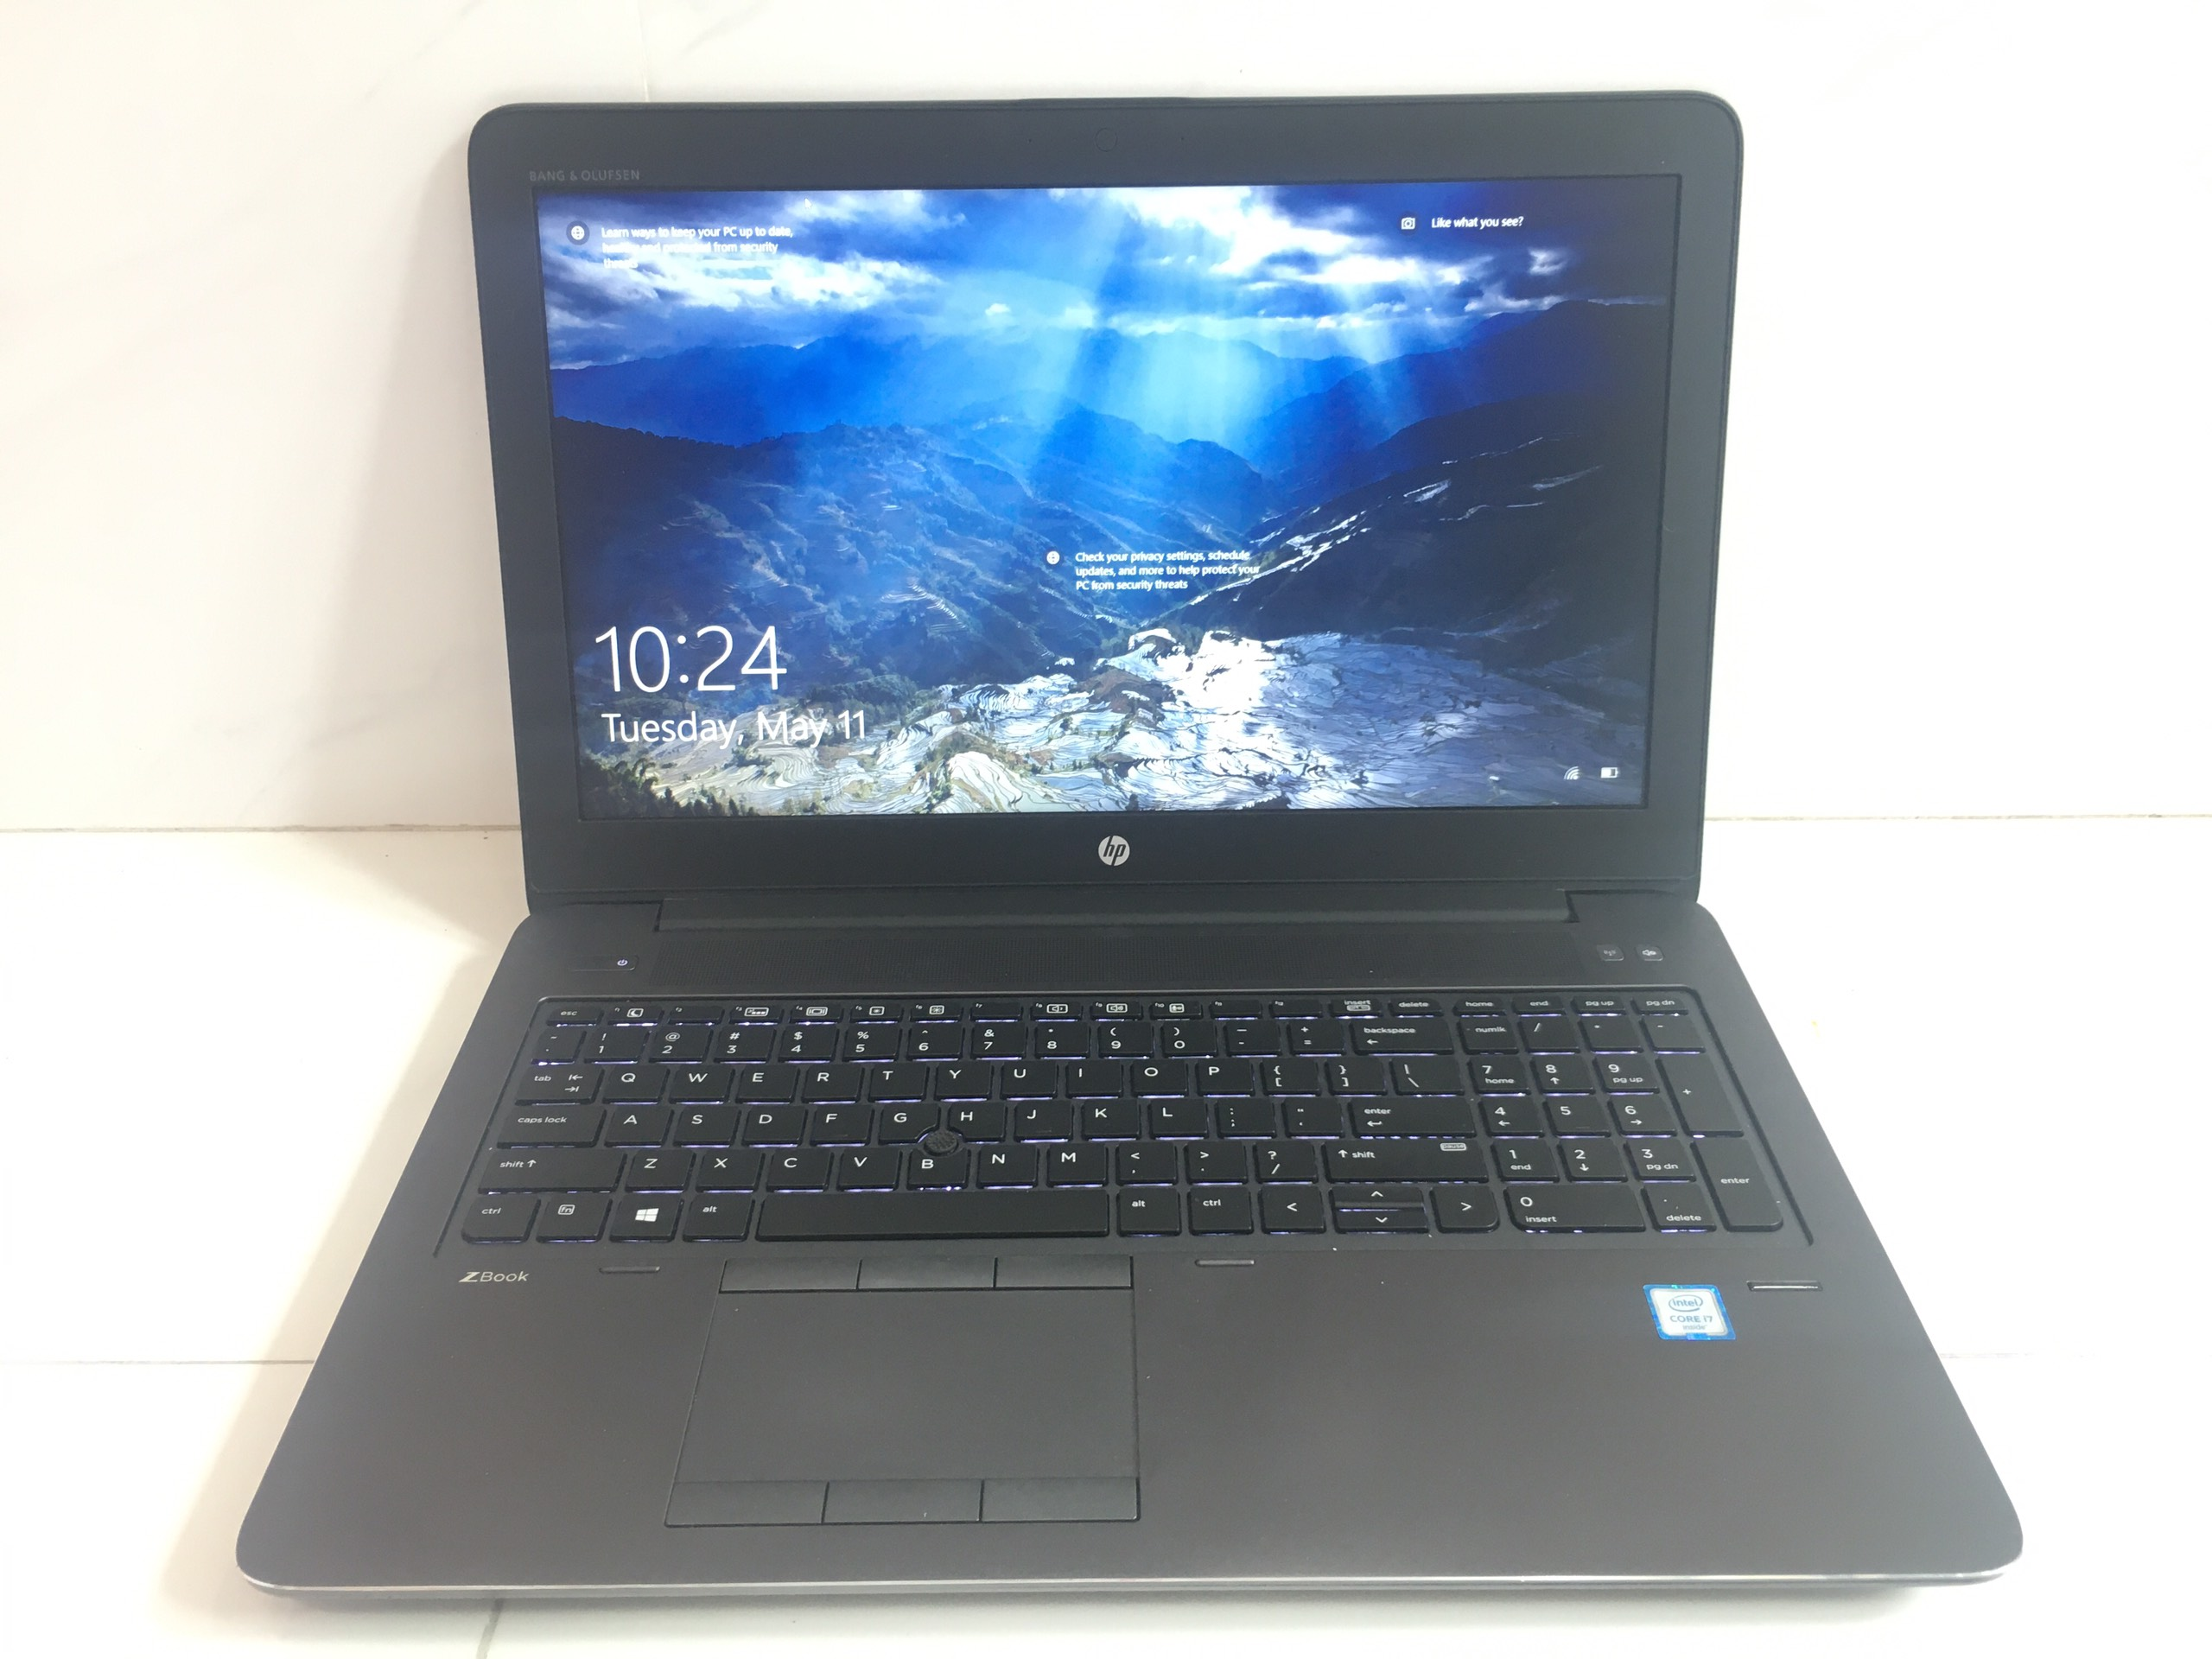 laptop-hp-zbook-15-g3-core-i7-6820hq-3